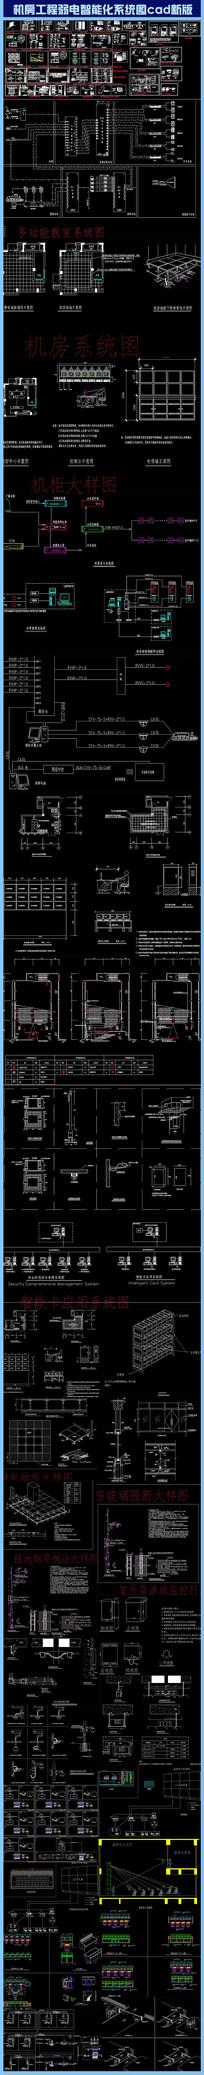 机房工程弱电智能化系统图 dwg